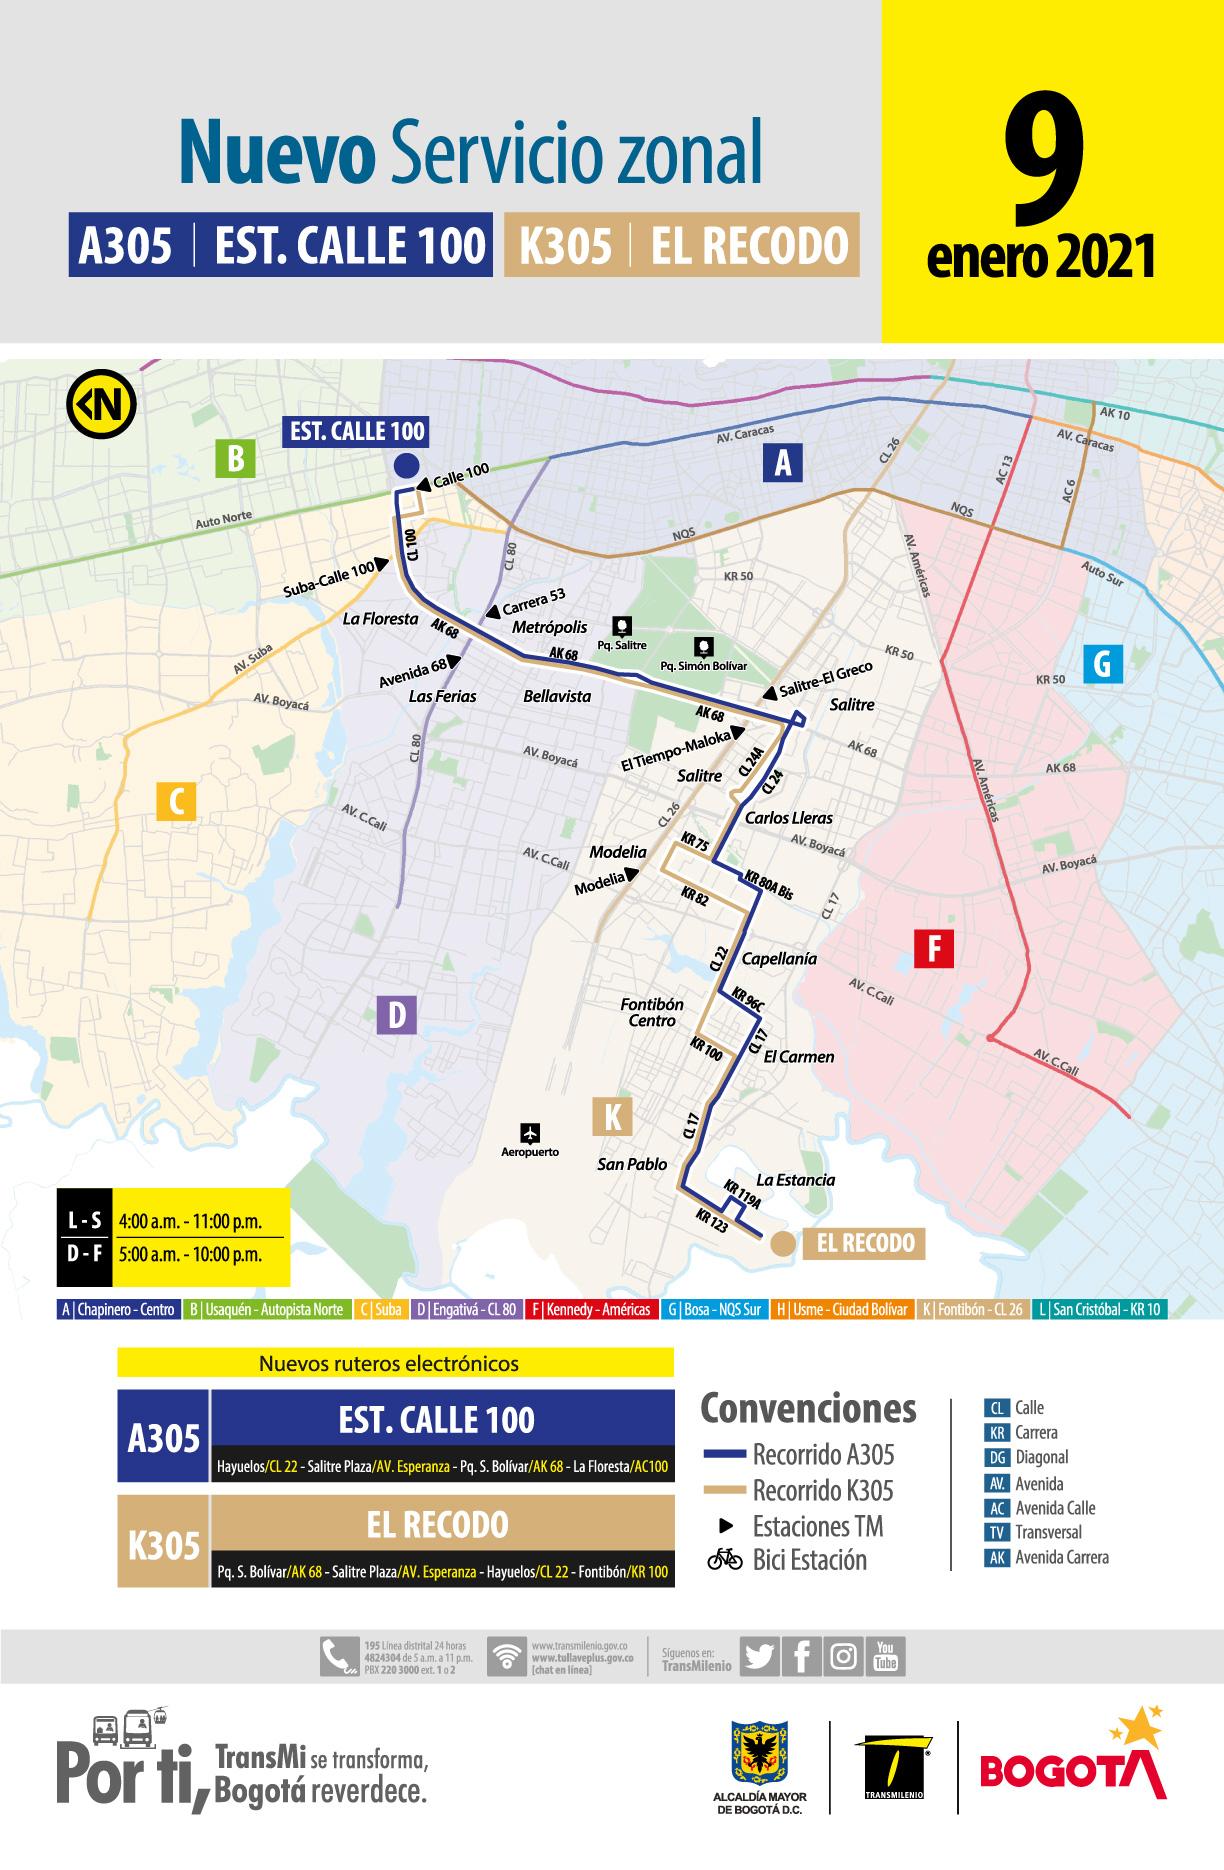 A305 Estación Calle 100 - K305 El Recodo